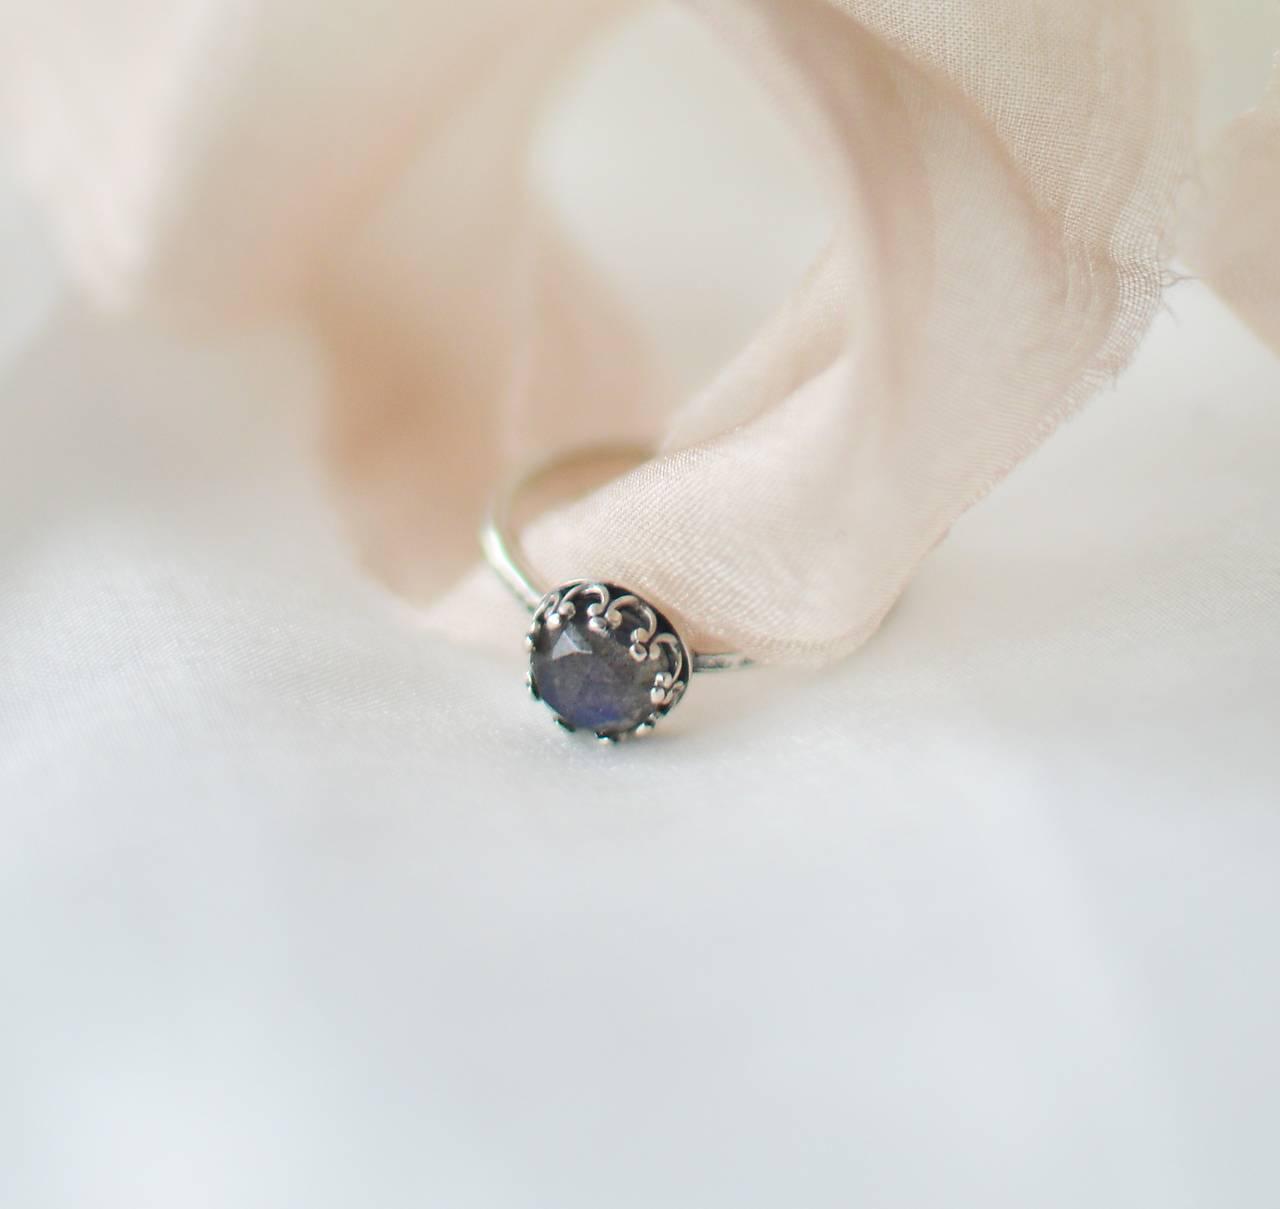 patinovaný strieborný prsteň Večernica malá (Ag 925)